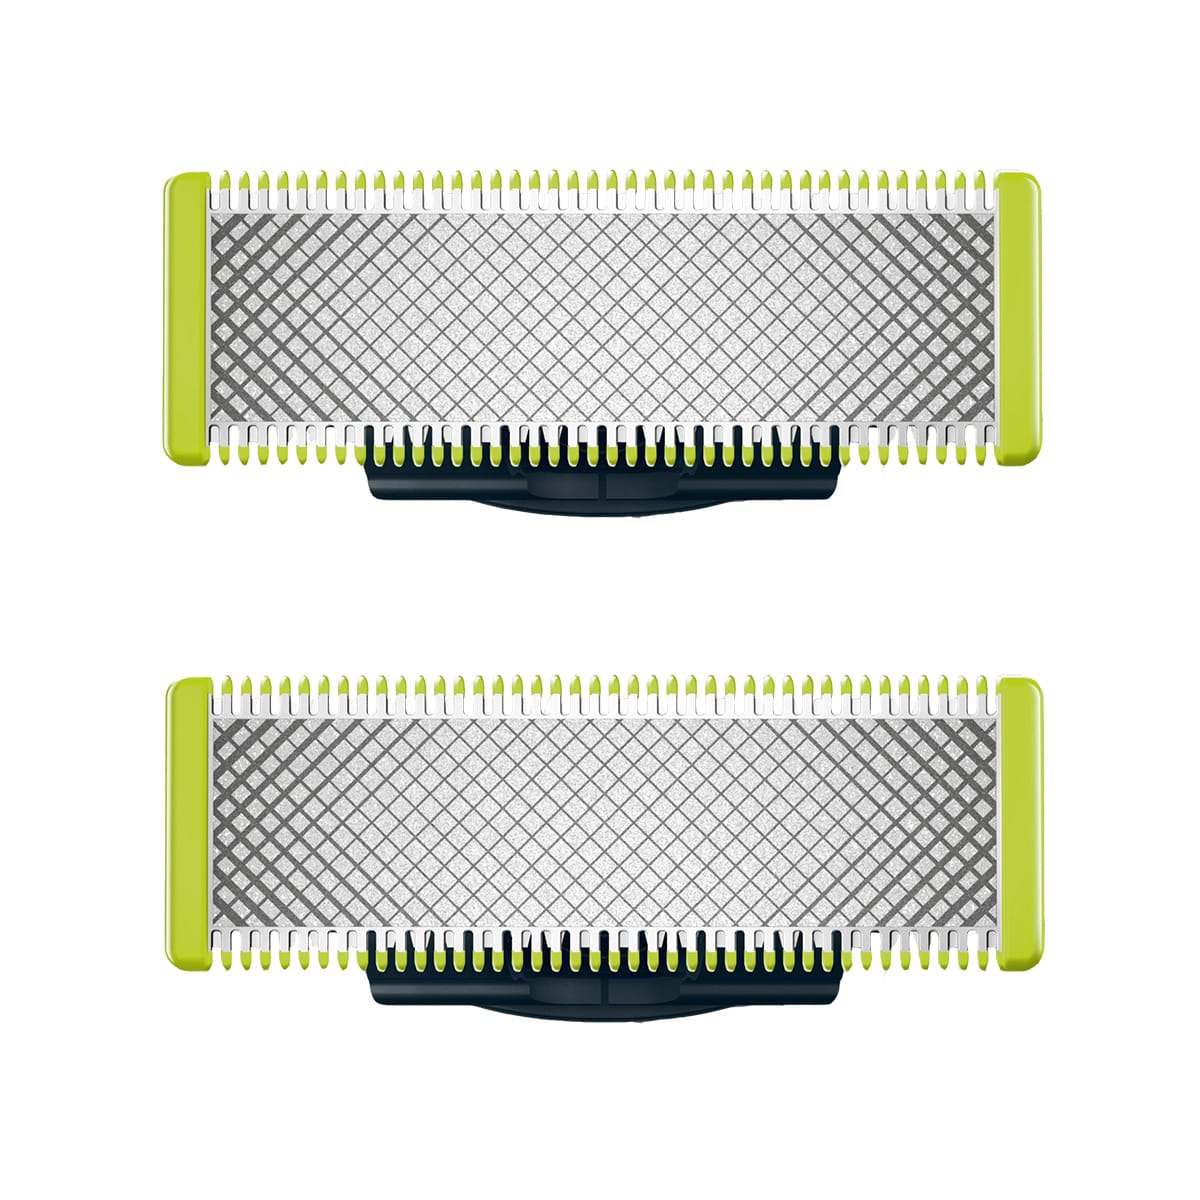 2 stk. barberhoveder - Passer til Philips OneBlade trimmere